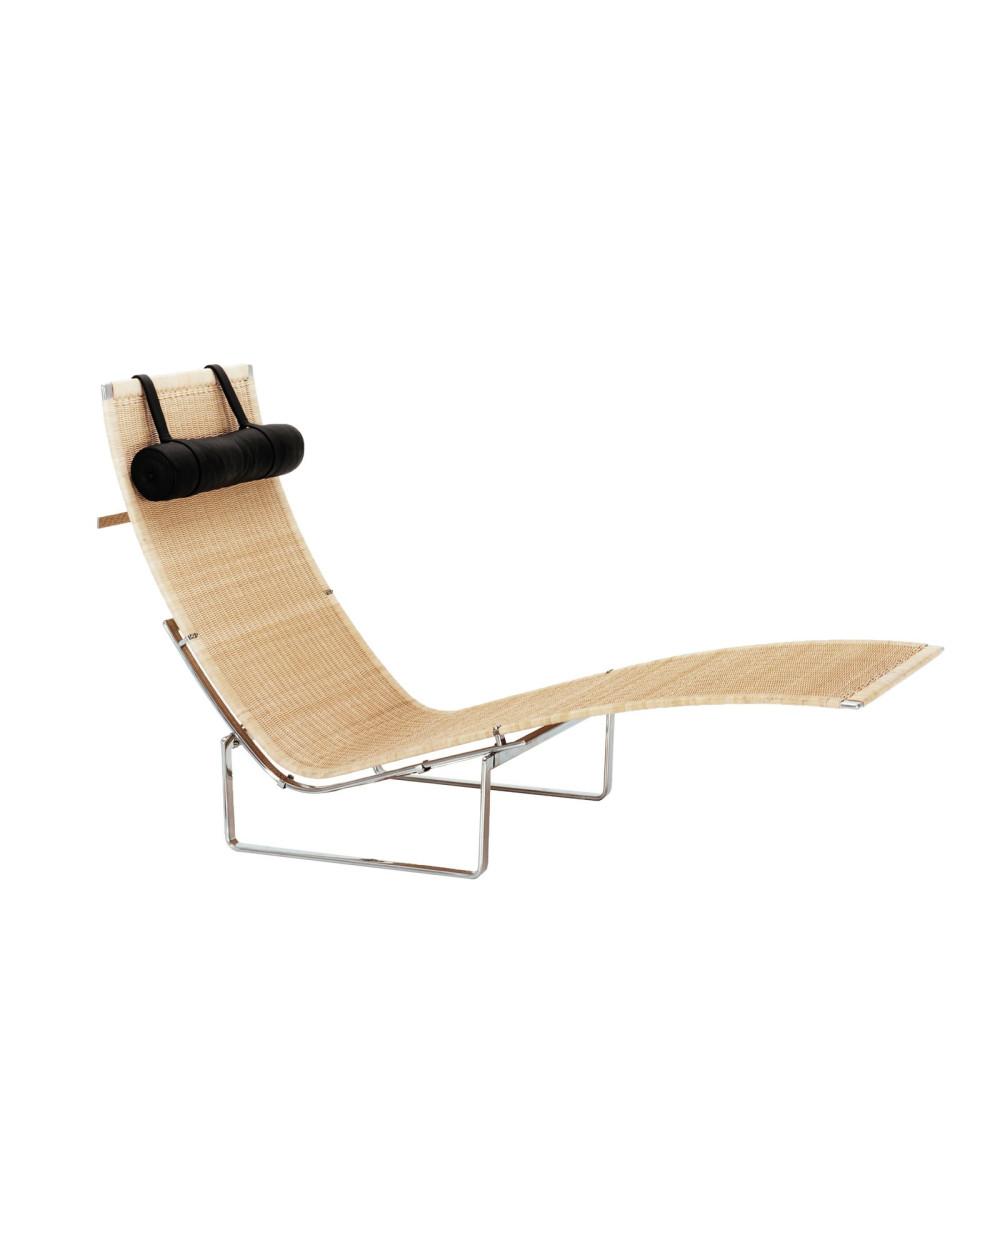 Chaise longue PK24, Poul Kjaerholm